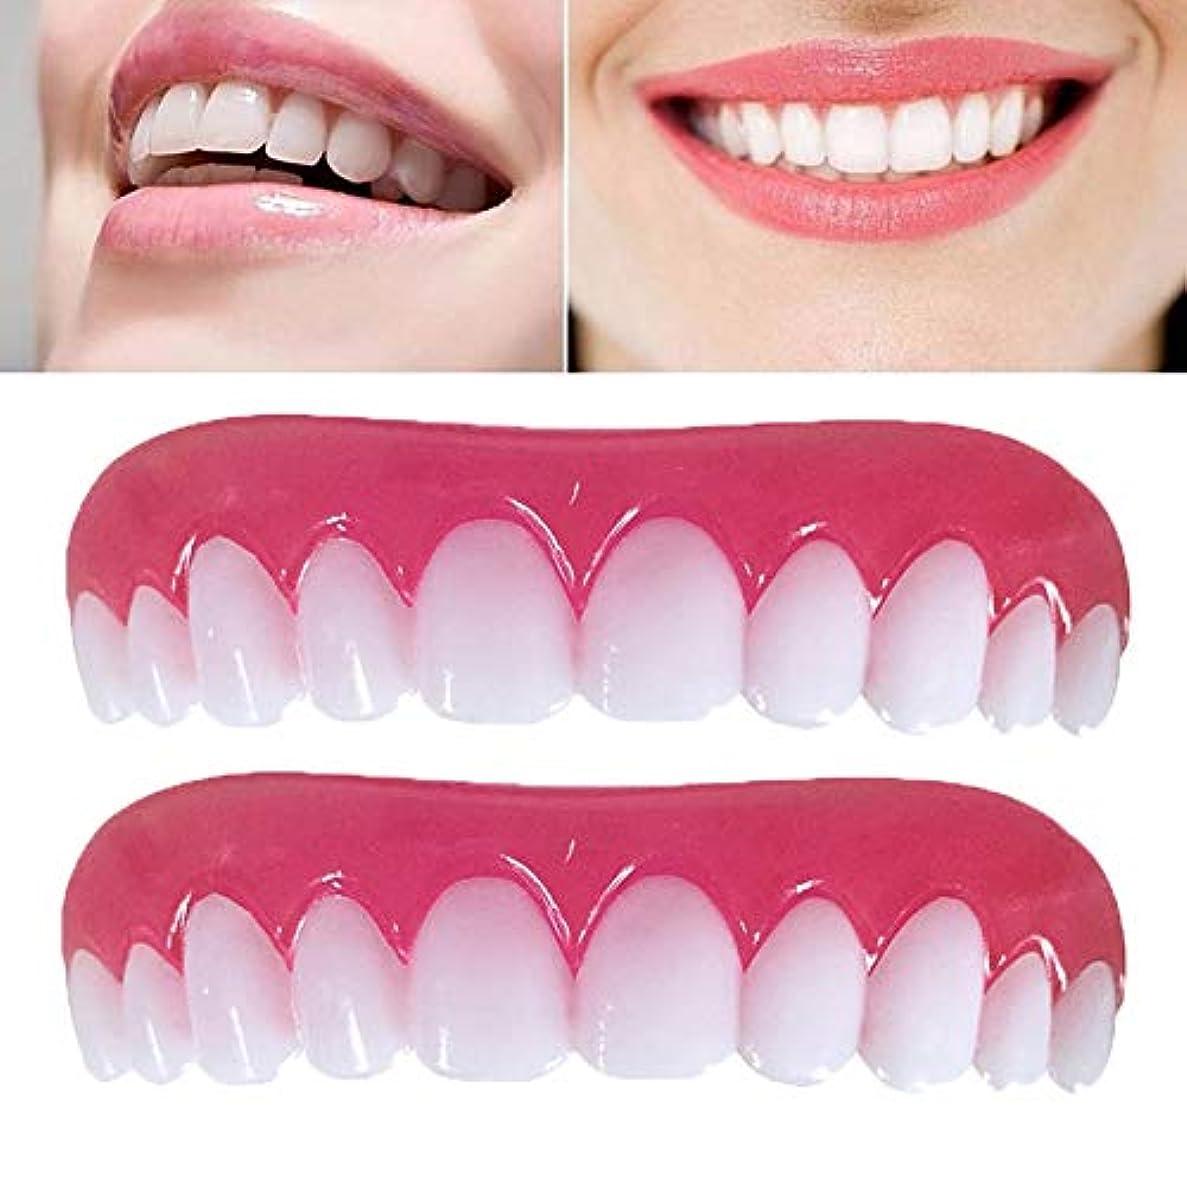 ドアミラークライアント内側2枚の一時的な化粧品の歯の入れ歯、歯と化粧品、シミュレートされたアッパーカフ、ホワイトニングの歯、スナップキャップ、インスタントの快適さ、ソフトで完璧なベニア